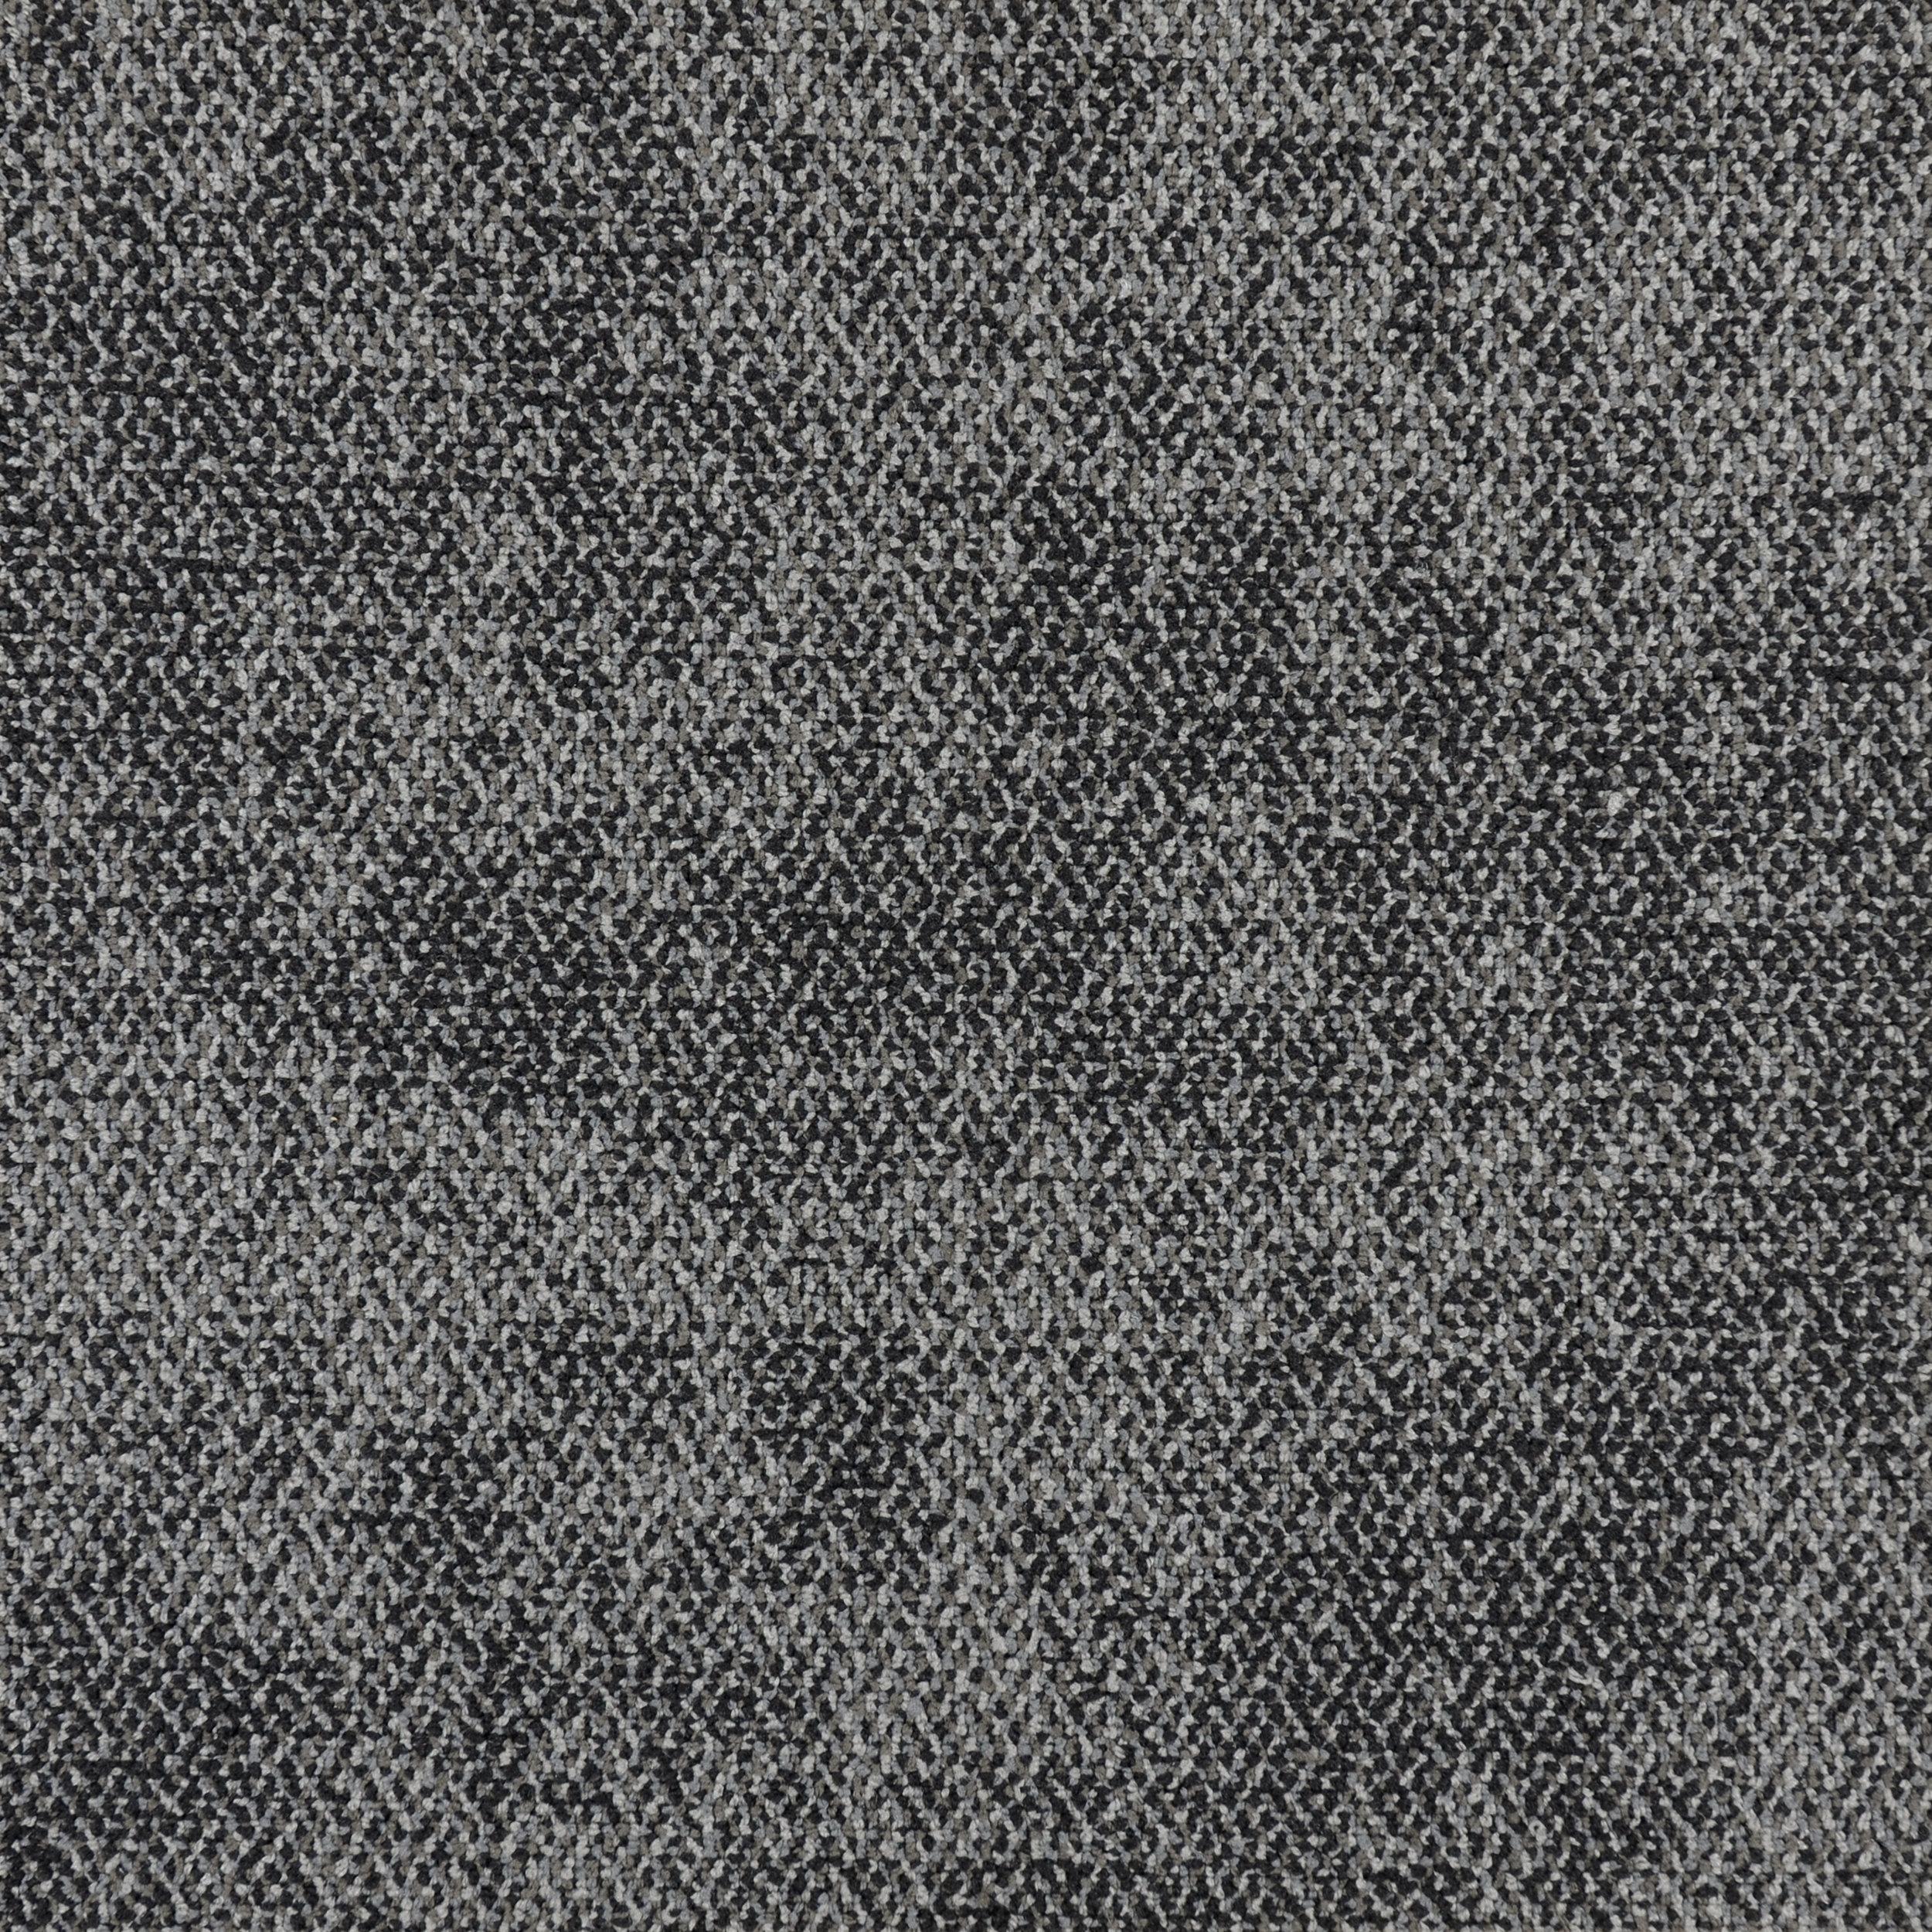 LIZARD — 15124